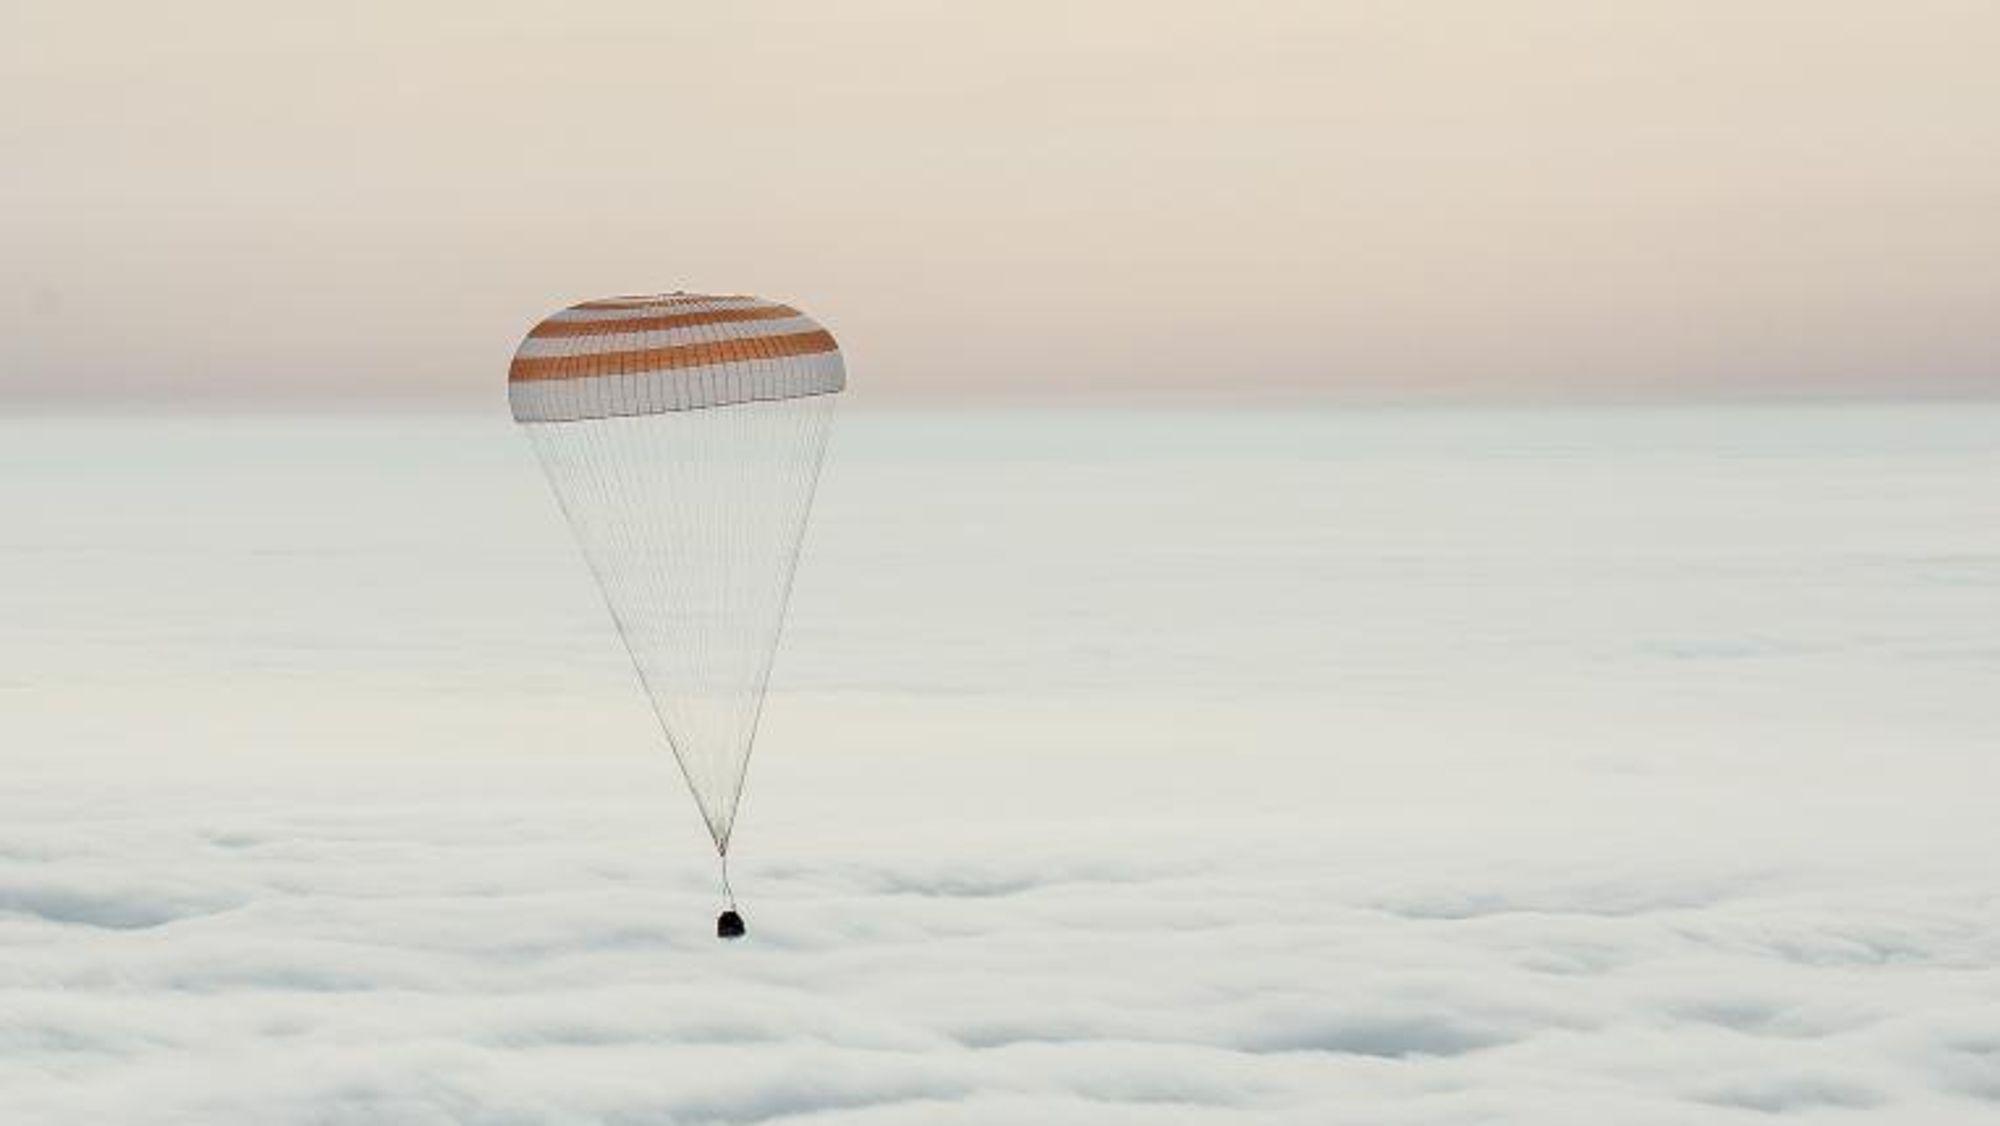 Slik så det ut den 2. mars 2016, da Sojus TMA-18M-kapselen var i ferd med å lande med NASAs Scott Kelly, og Roscosmos' to kosmonauter Mikhail Kornienko og Sergey Volkov på en slette i Kasakhstan.